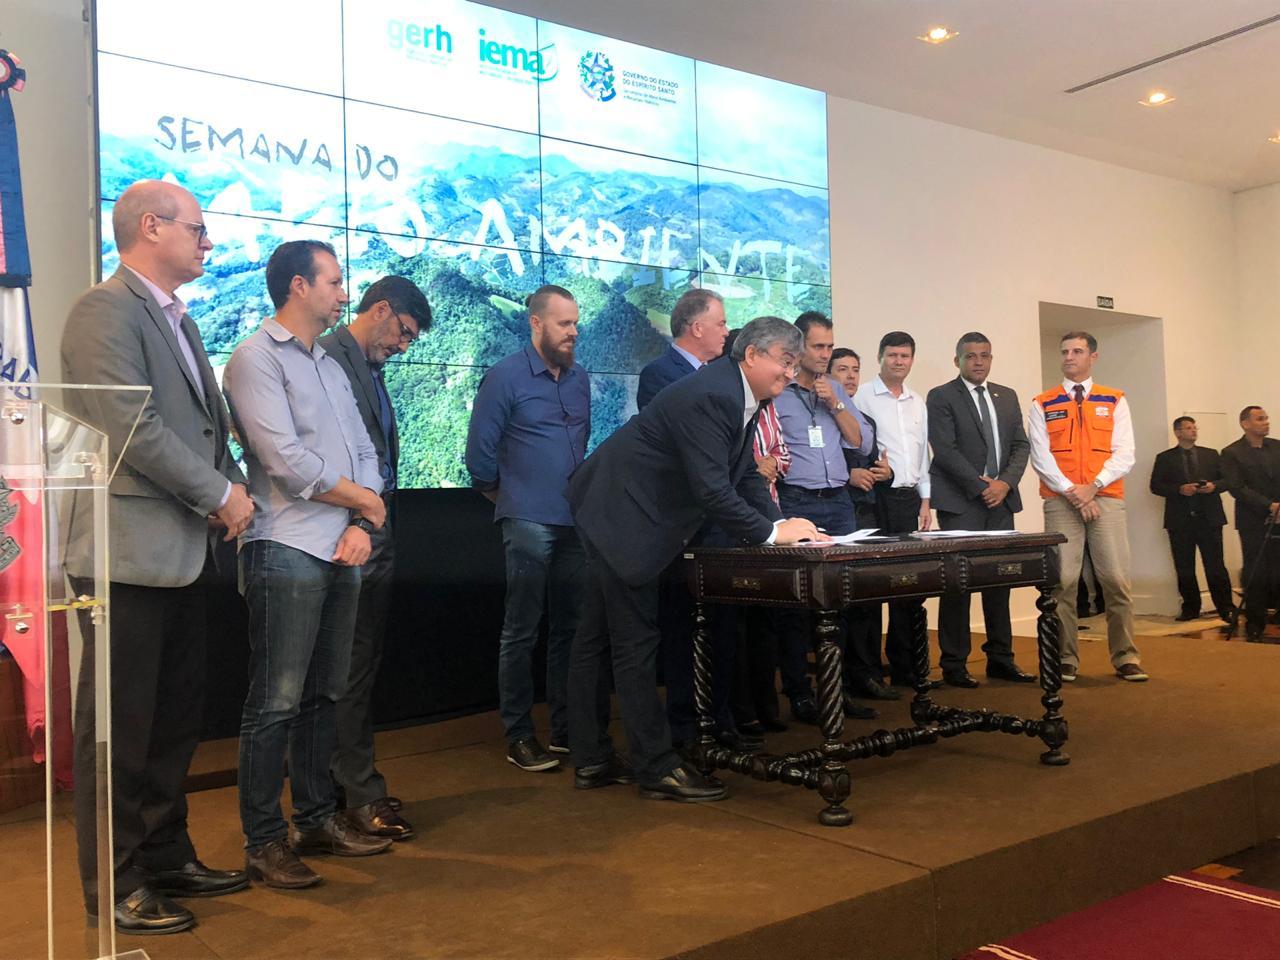 Representantes de diversos órgãos participaram da assinatura da expansão (FOTO: Reprodução)